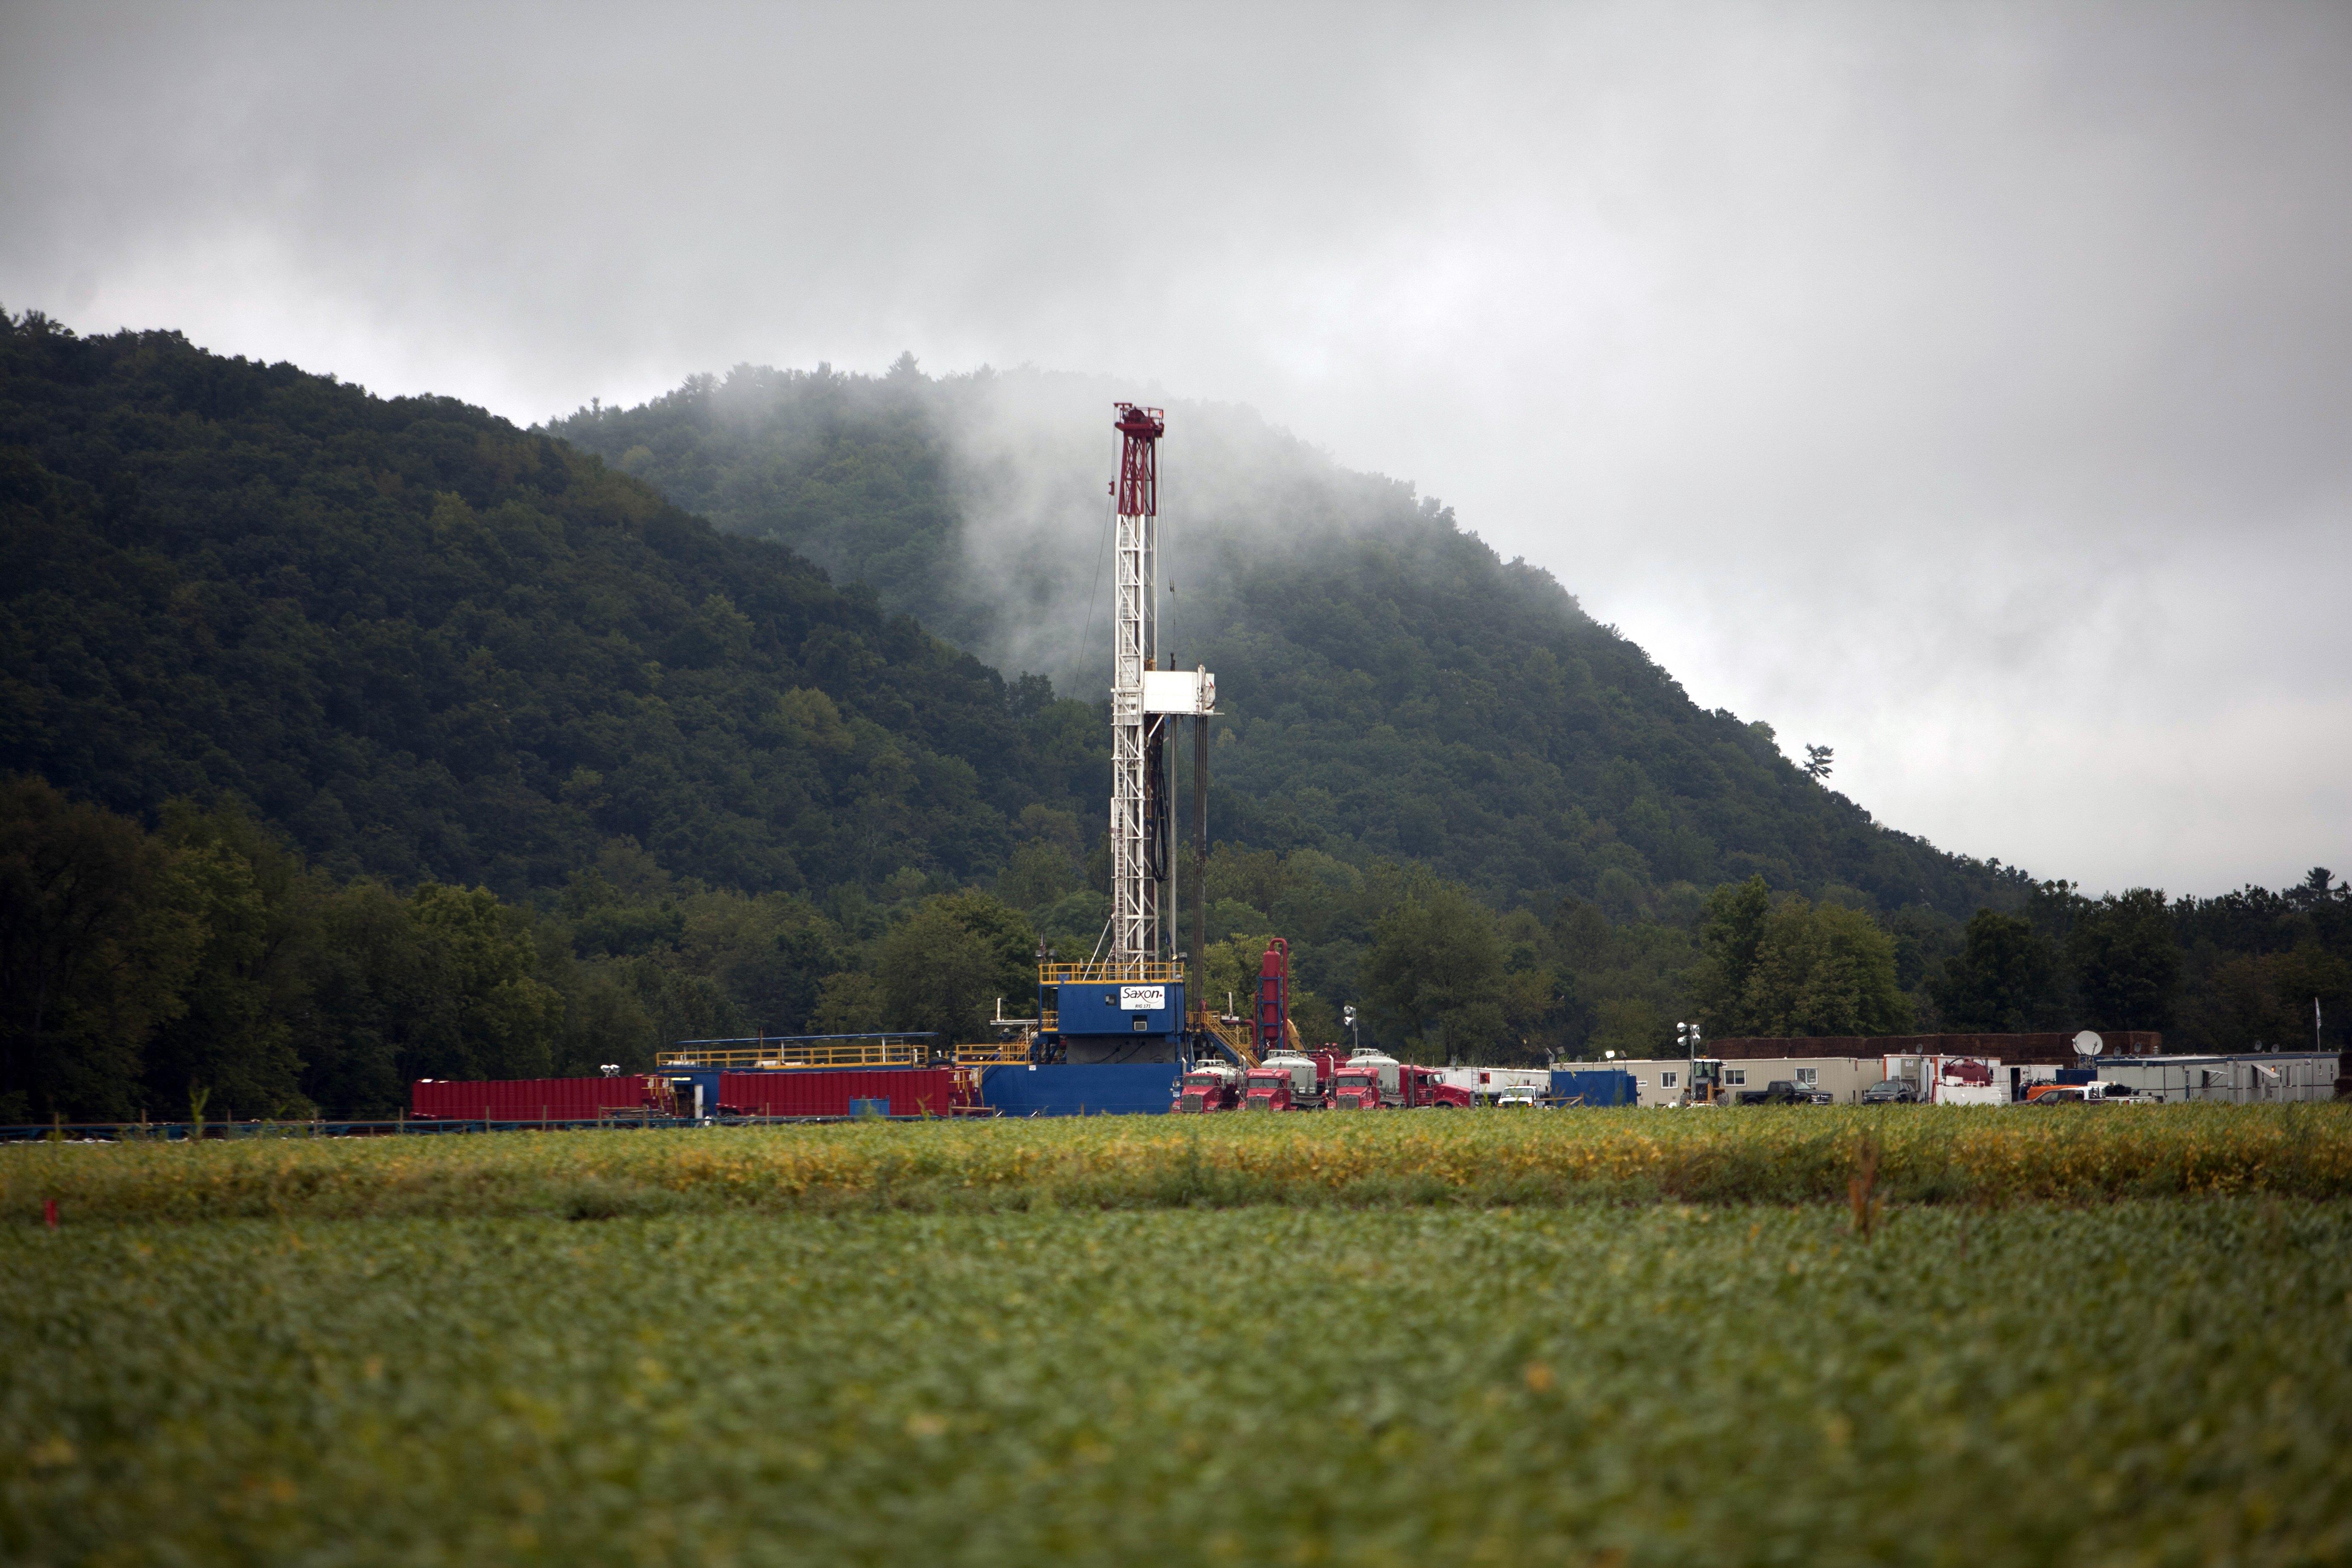 Drilling Rig On a Pennsylvania Farm